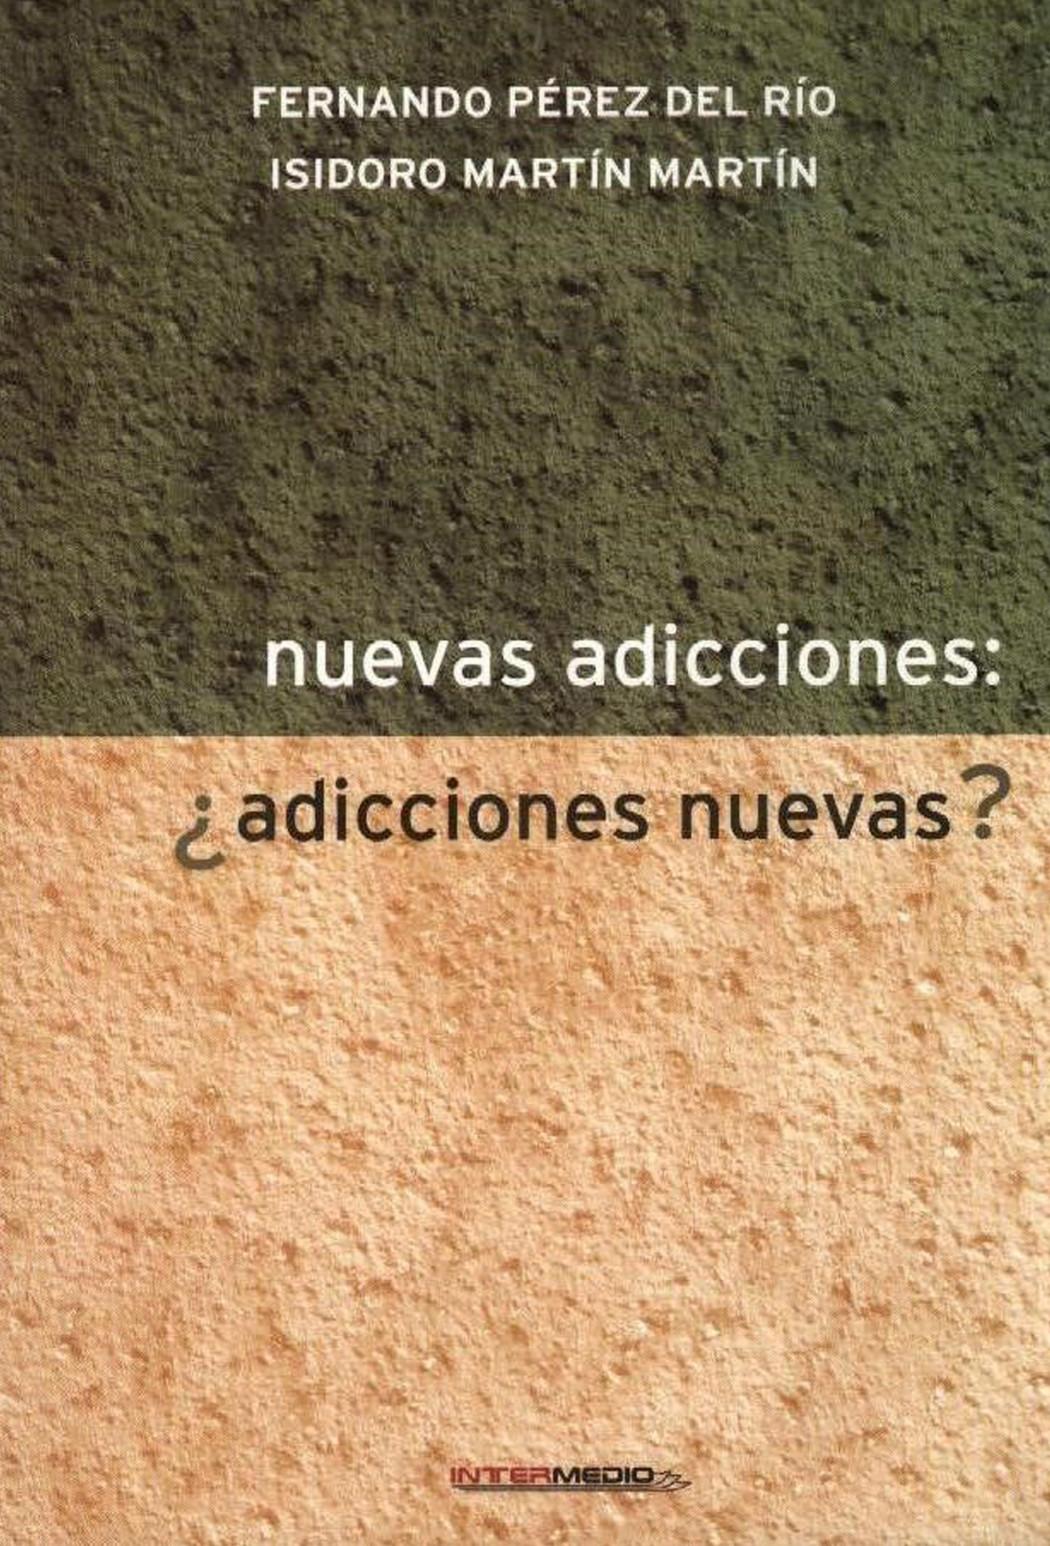 librosestrella_nuevas-adicciones-addicciones-nuevas